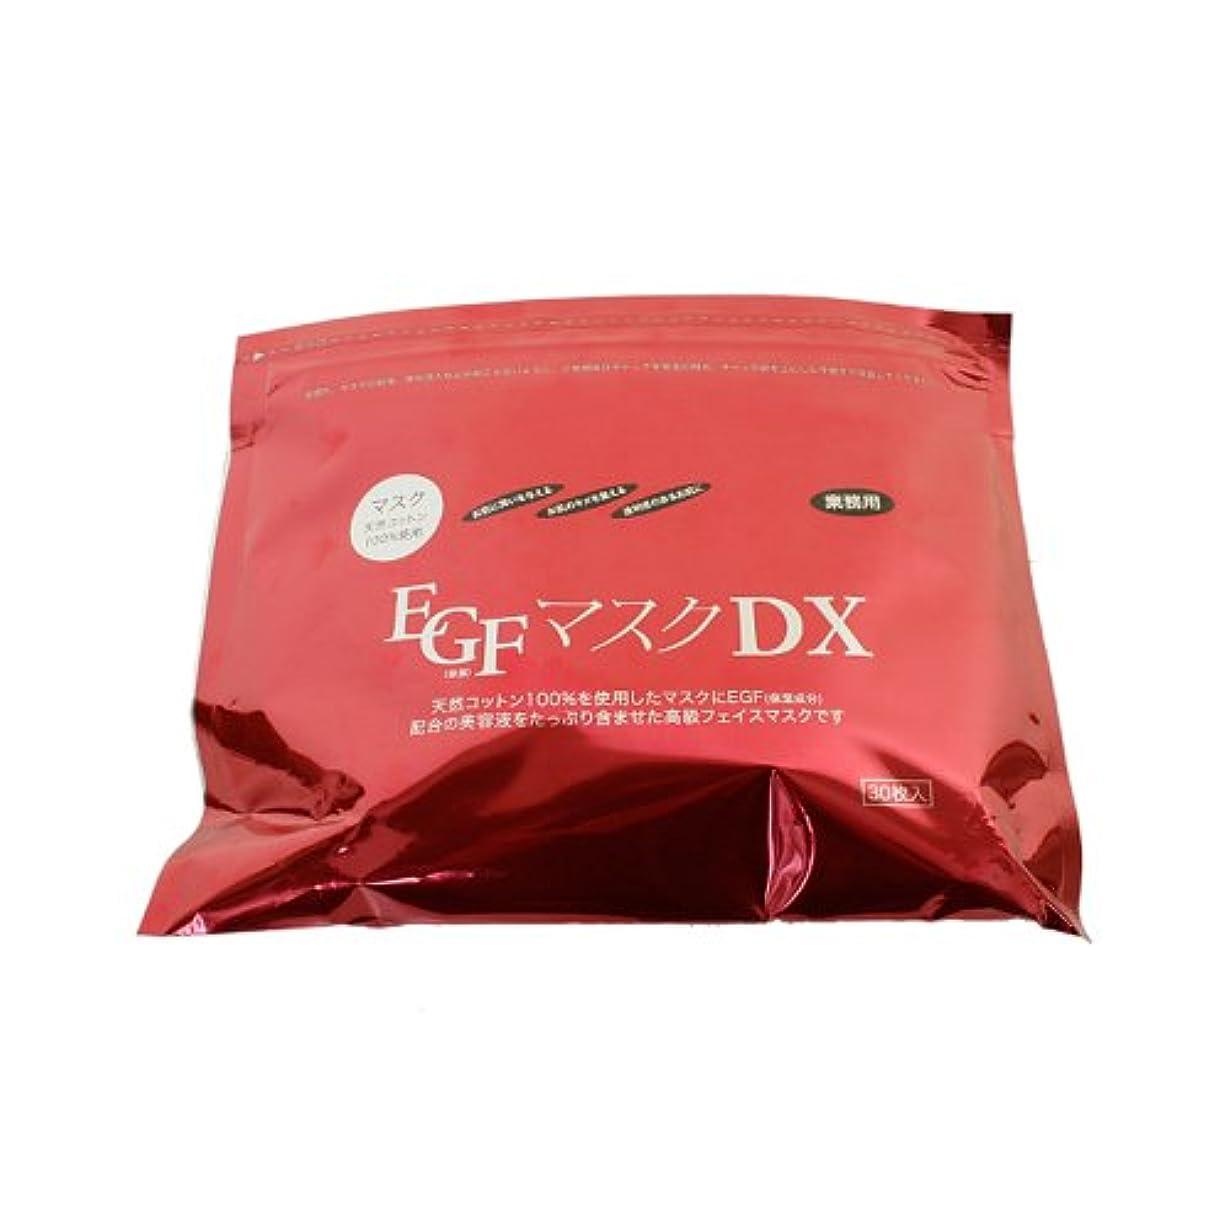 資産責発火するEGFマスクDX 30枚×4袋